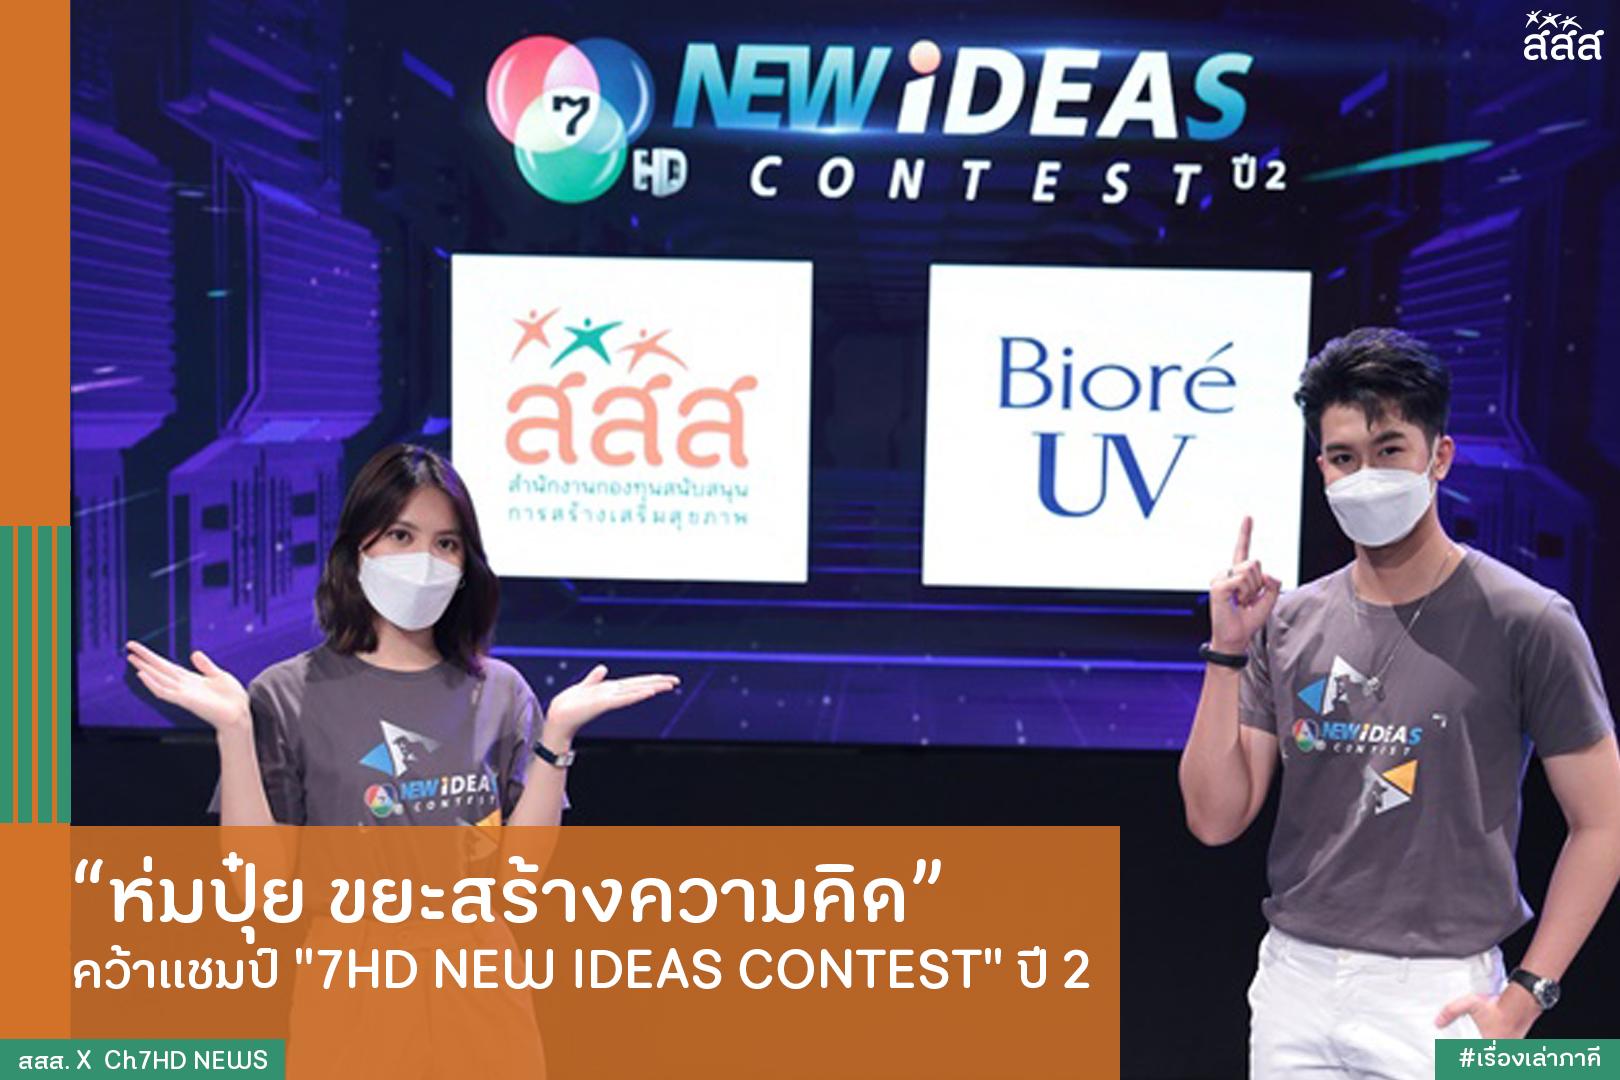 ห่มปุ๋ย ขยะสร้างความคิด คว้าแชมป์ 7HD NEW IDEAS CONTEST ปี 2 thaihealth